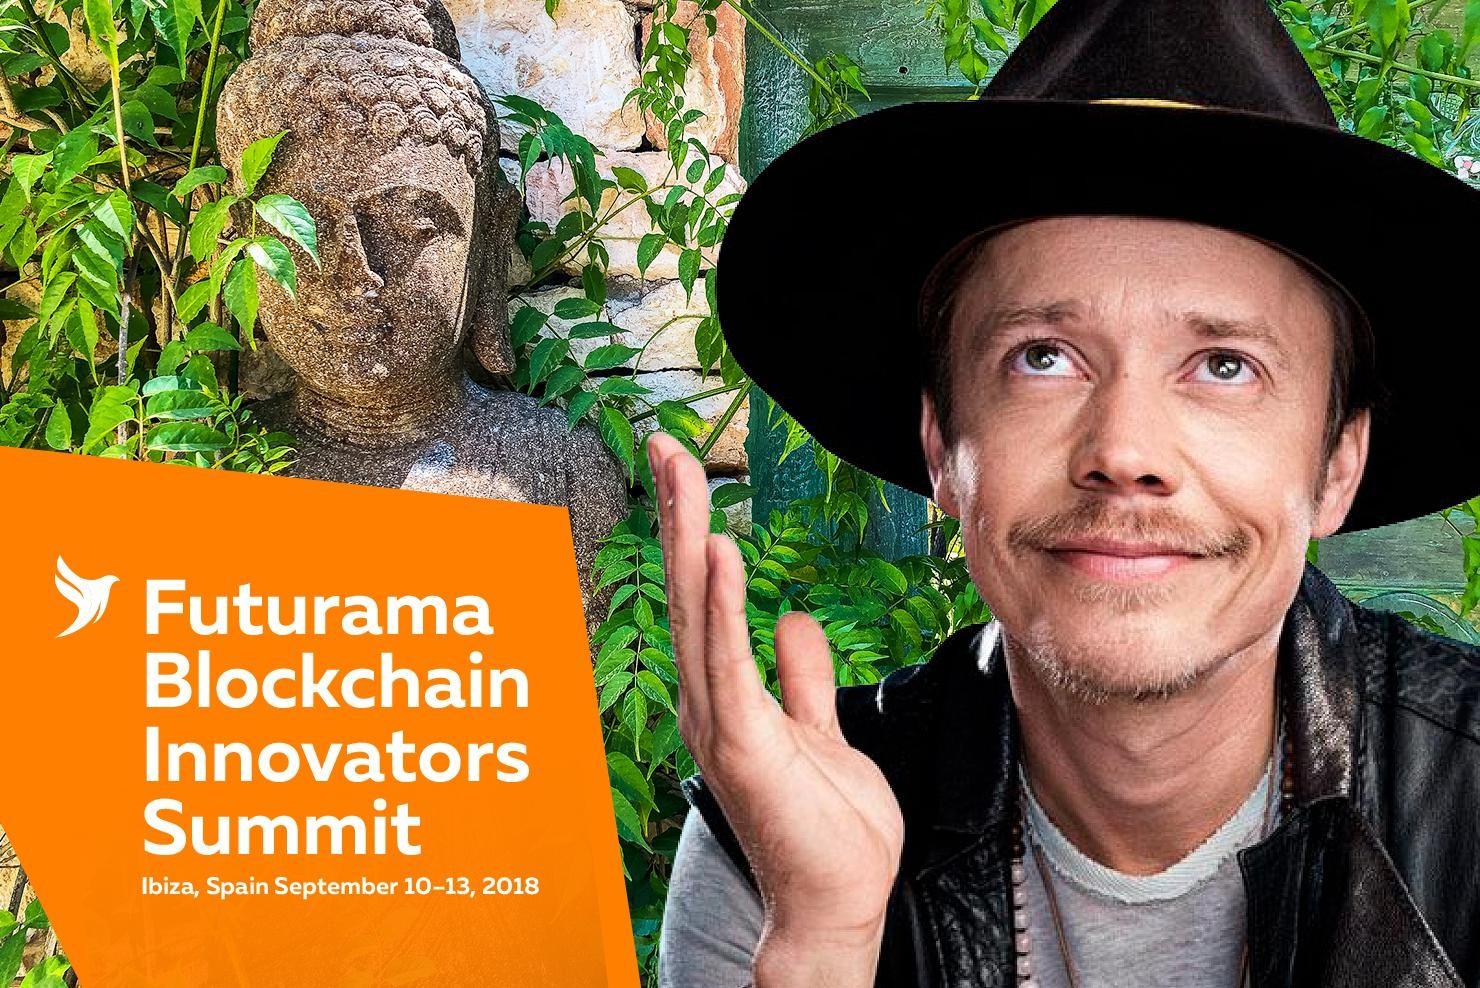 Futurama Blockchain Innovators Summit | InsideCrypto Today